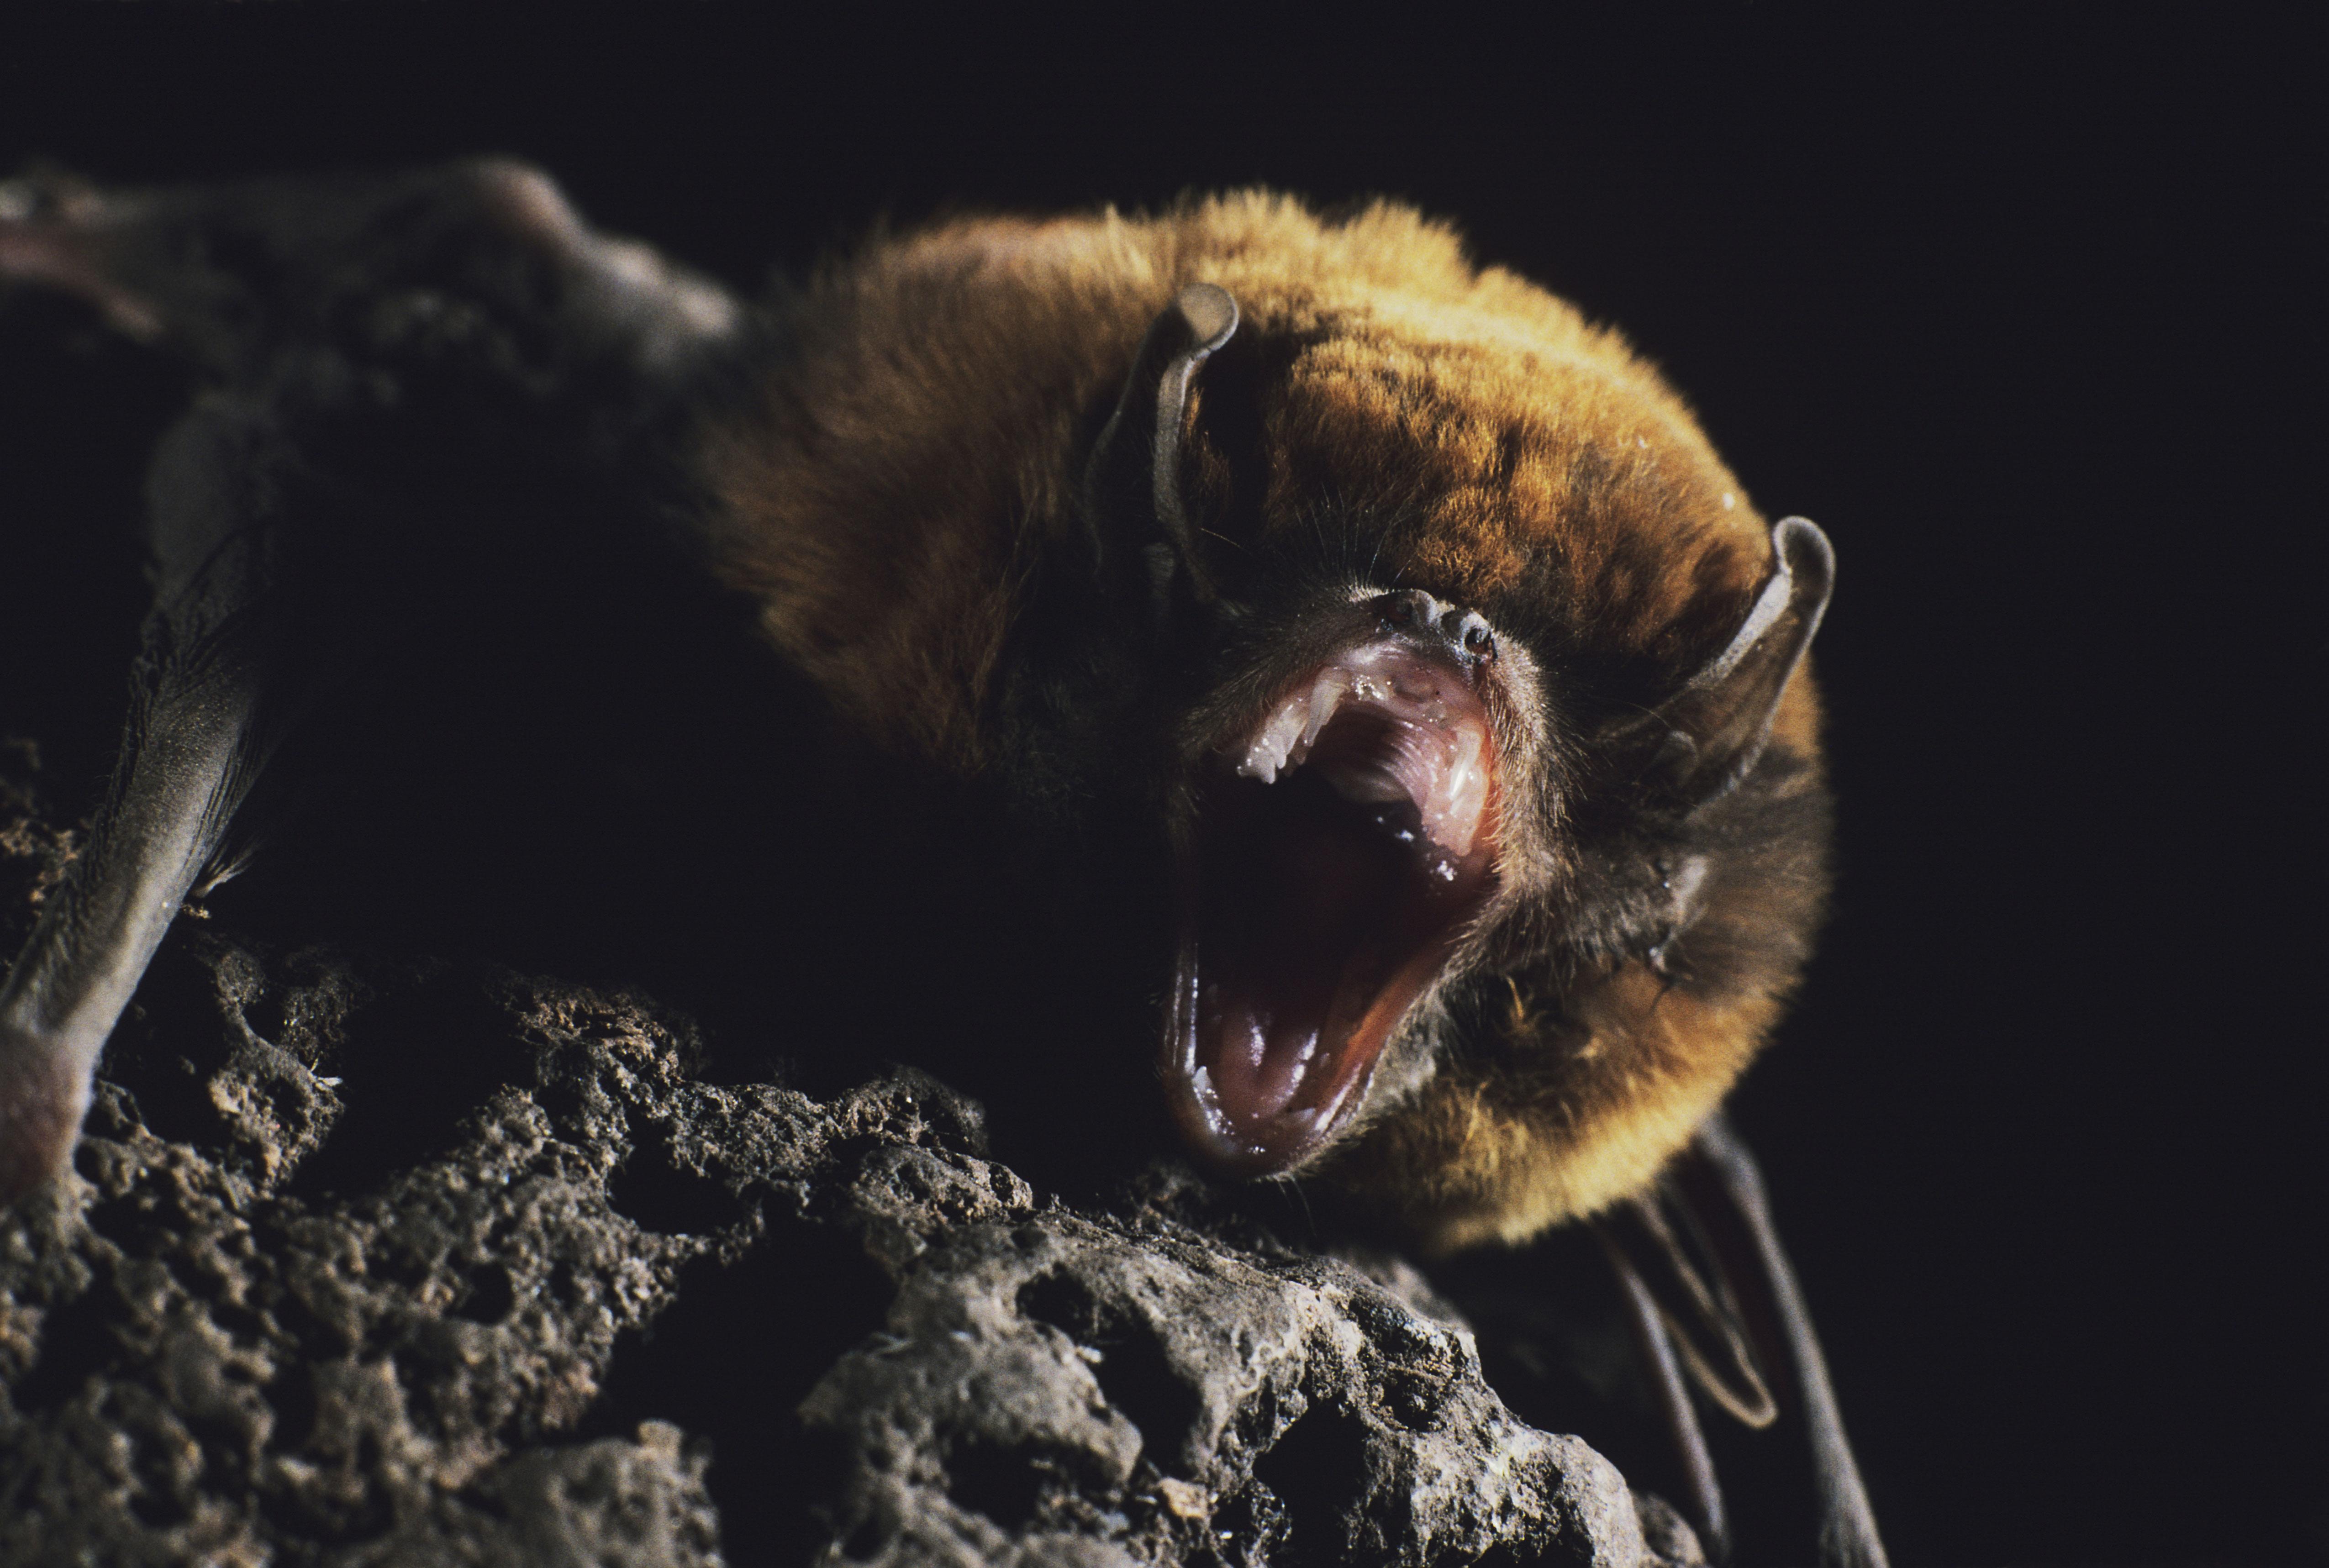 Leg dich nicht mit der Fledermaus an: Ihre Rache wird fürchterlich sein!